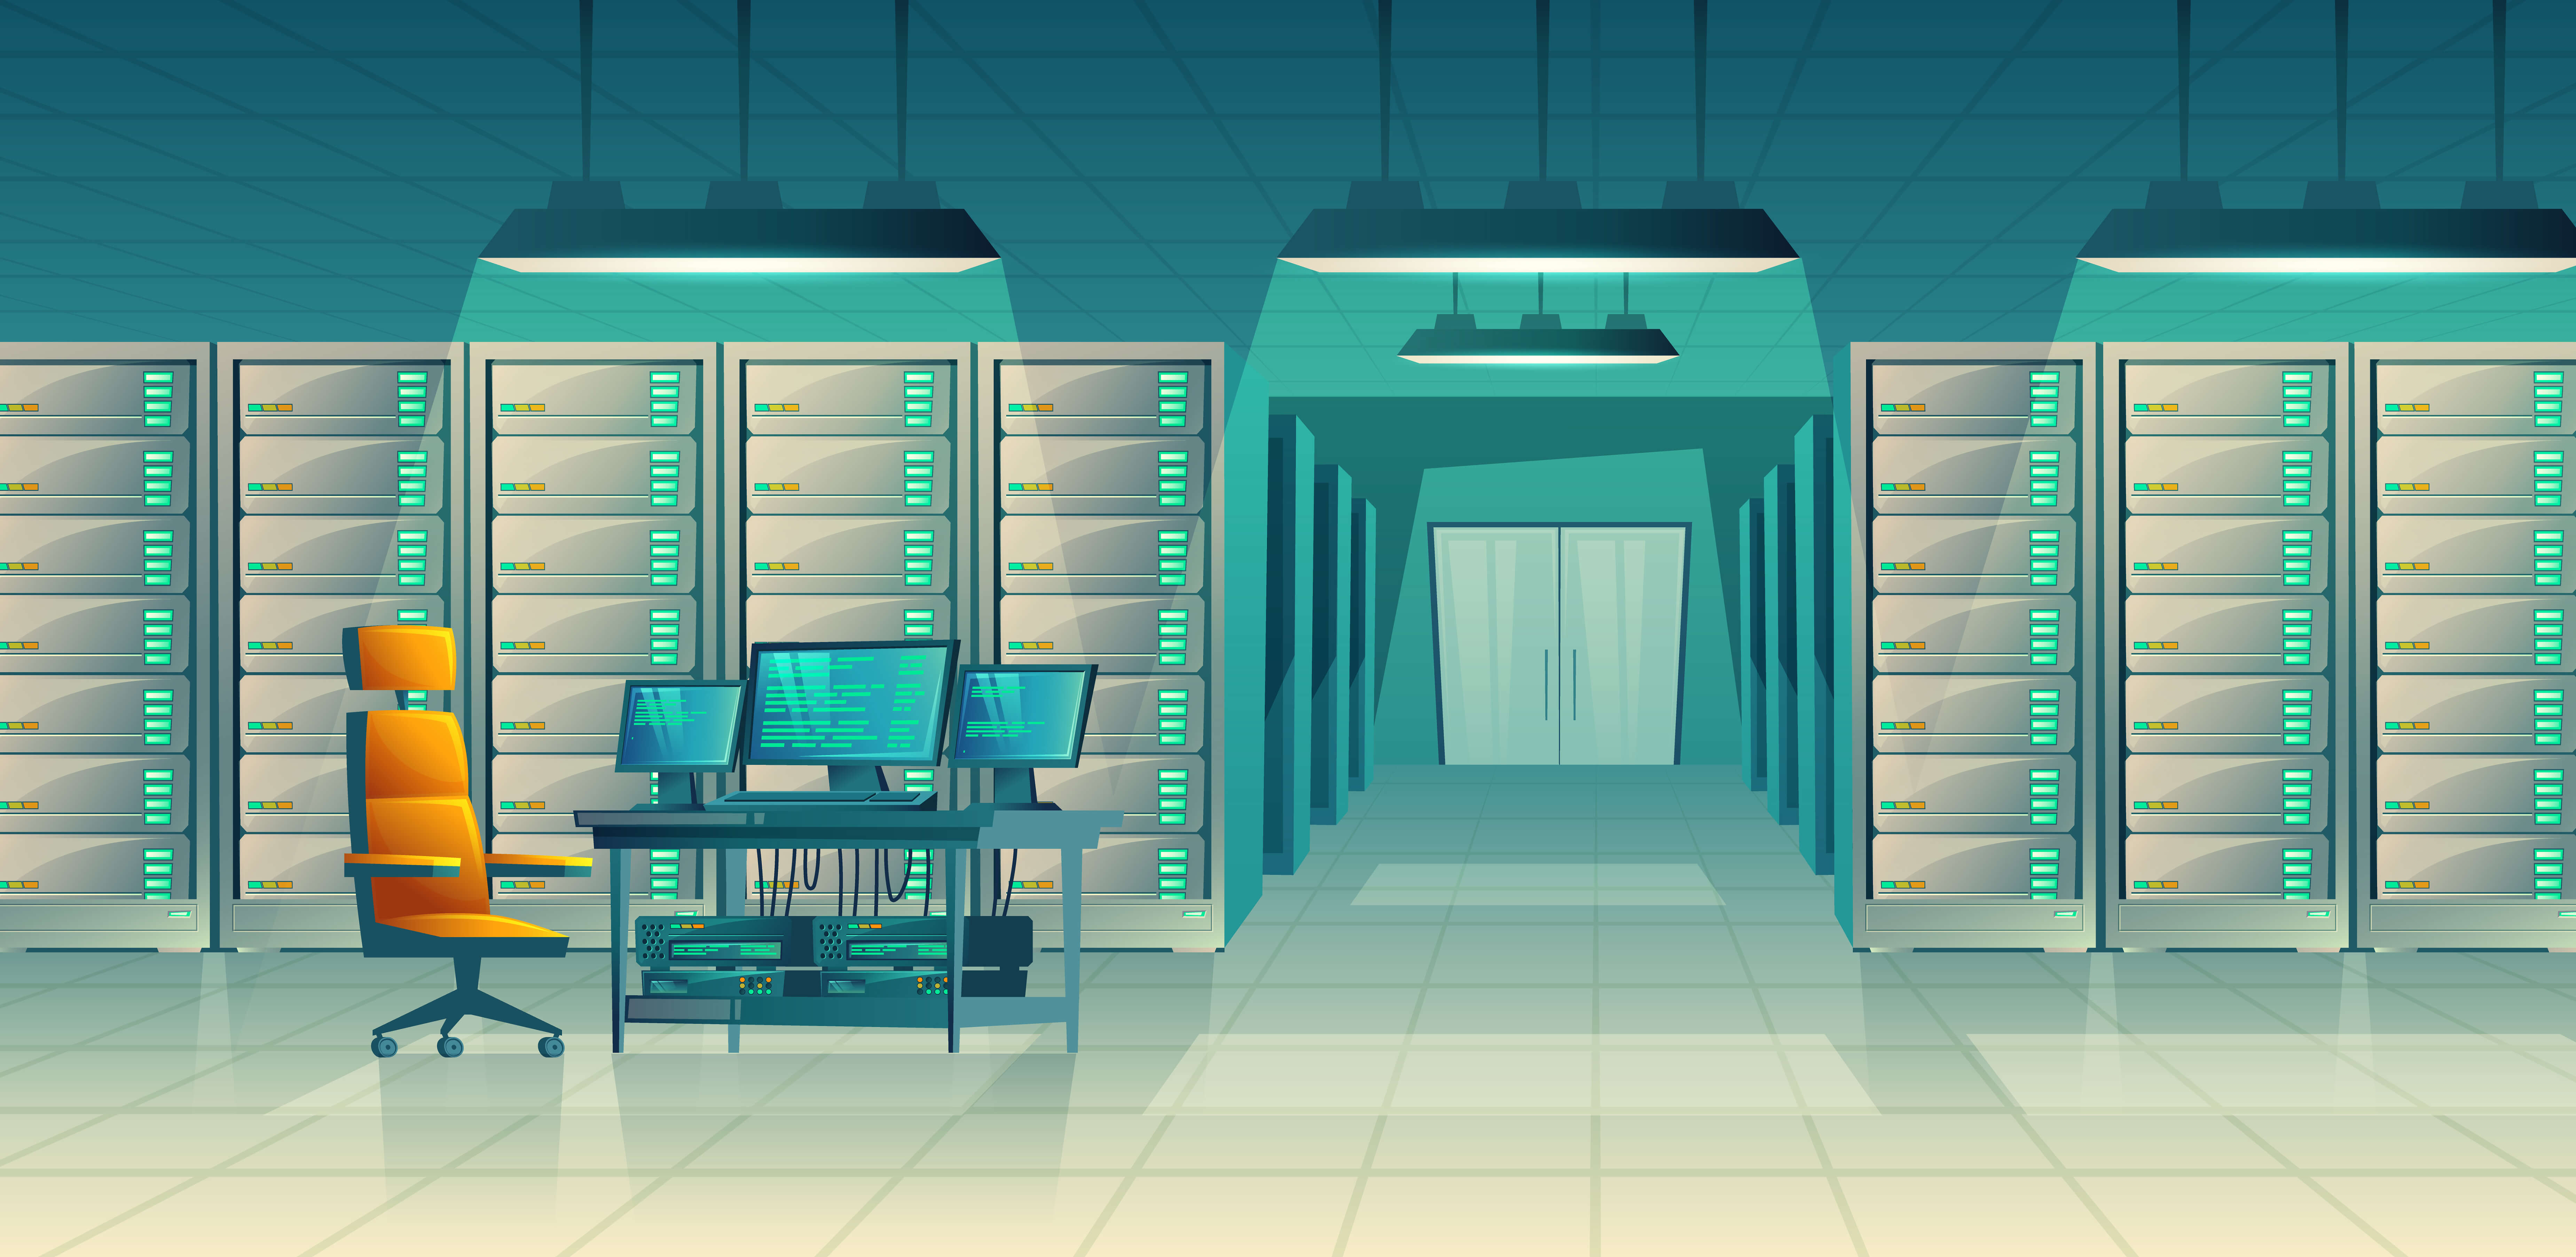 Centre sécurite informatique